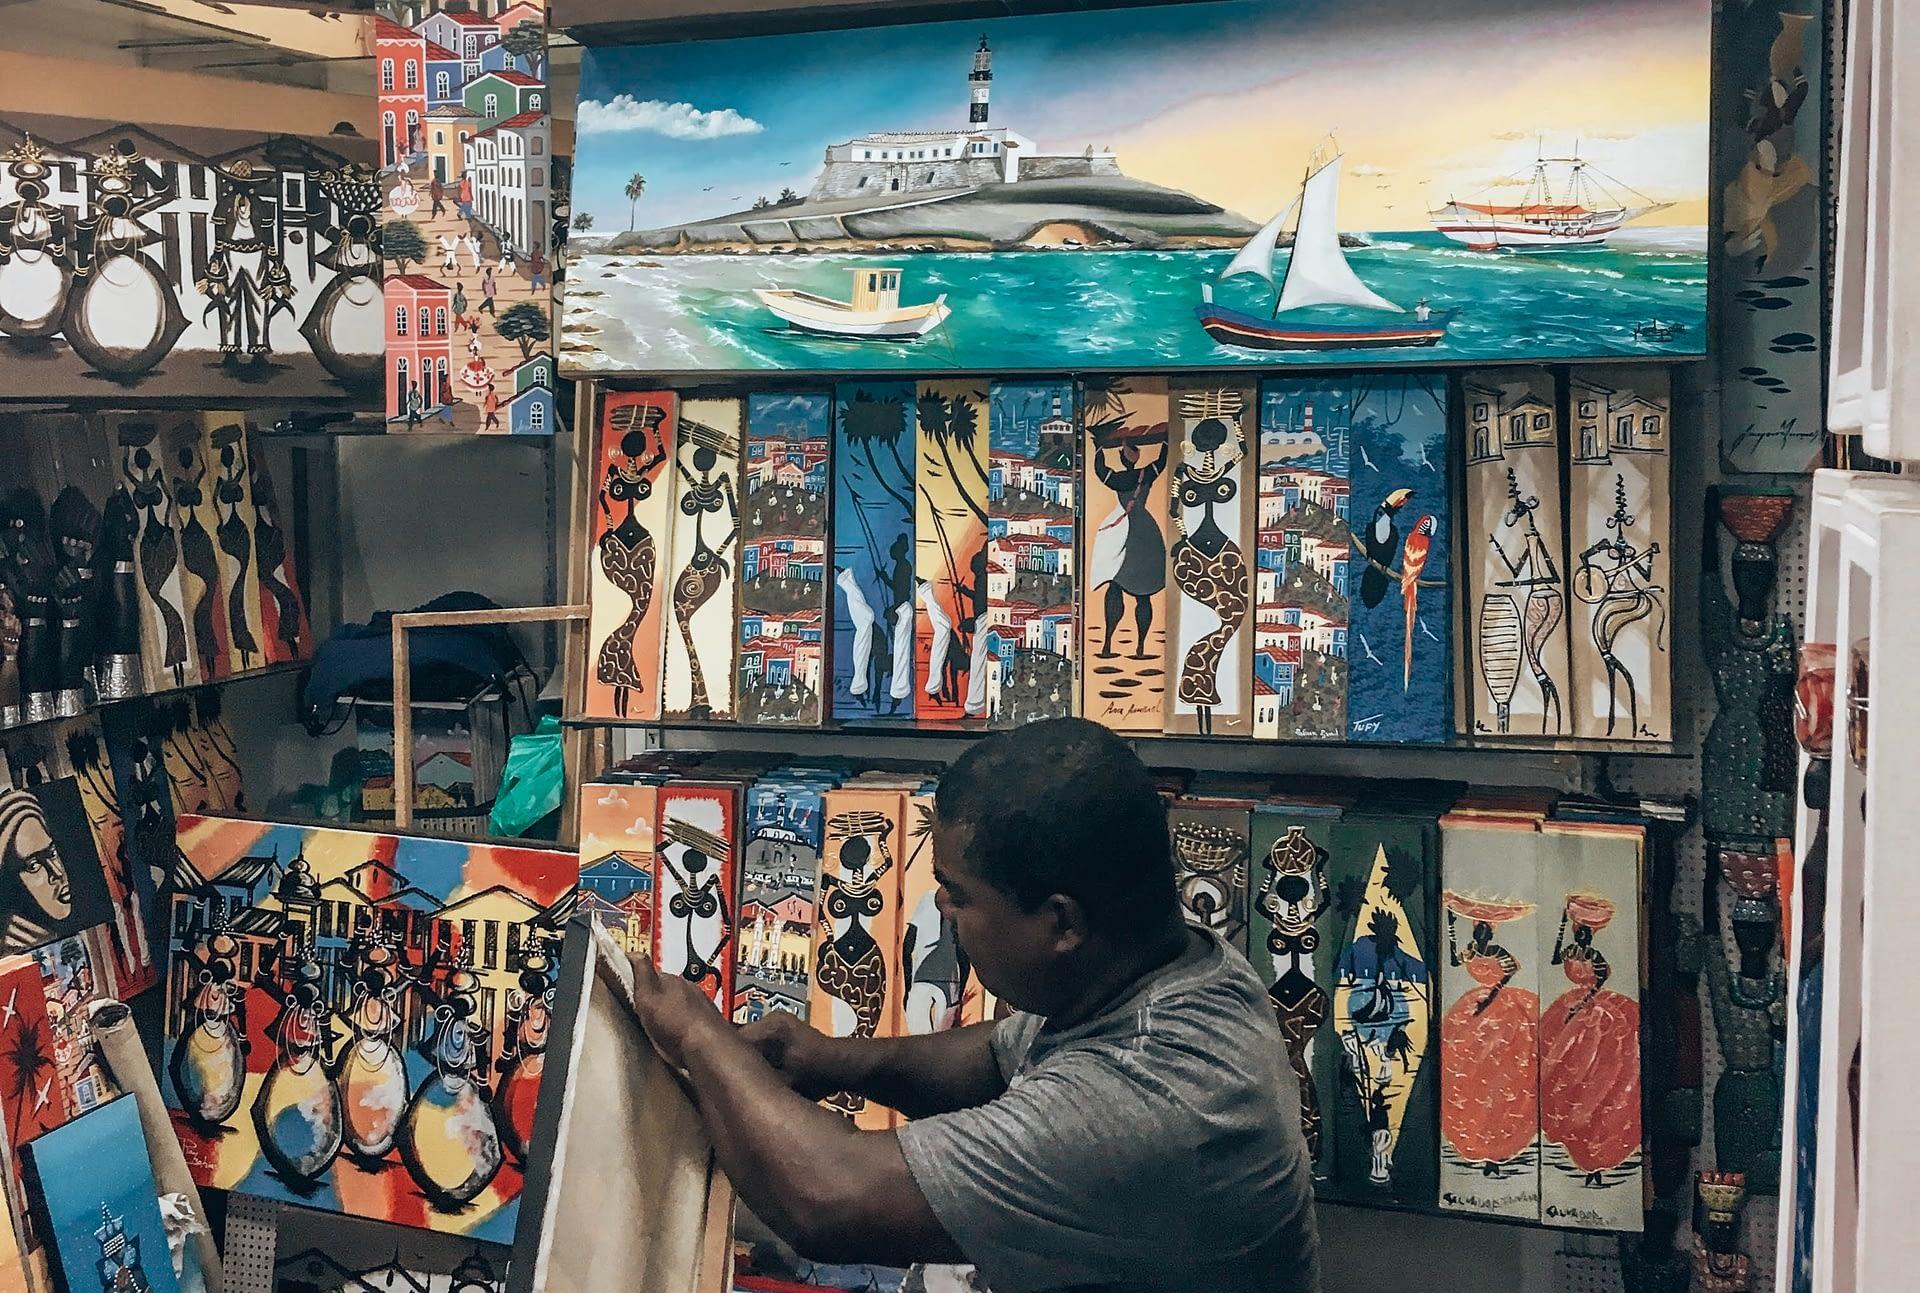 Mercado Modelo Salvador Brazil - Salvador Brazil Market - Indoor market stall selling colourful afro-brazilian art pieces. Things to Do in Salvador Brazil